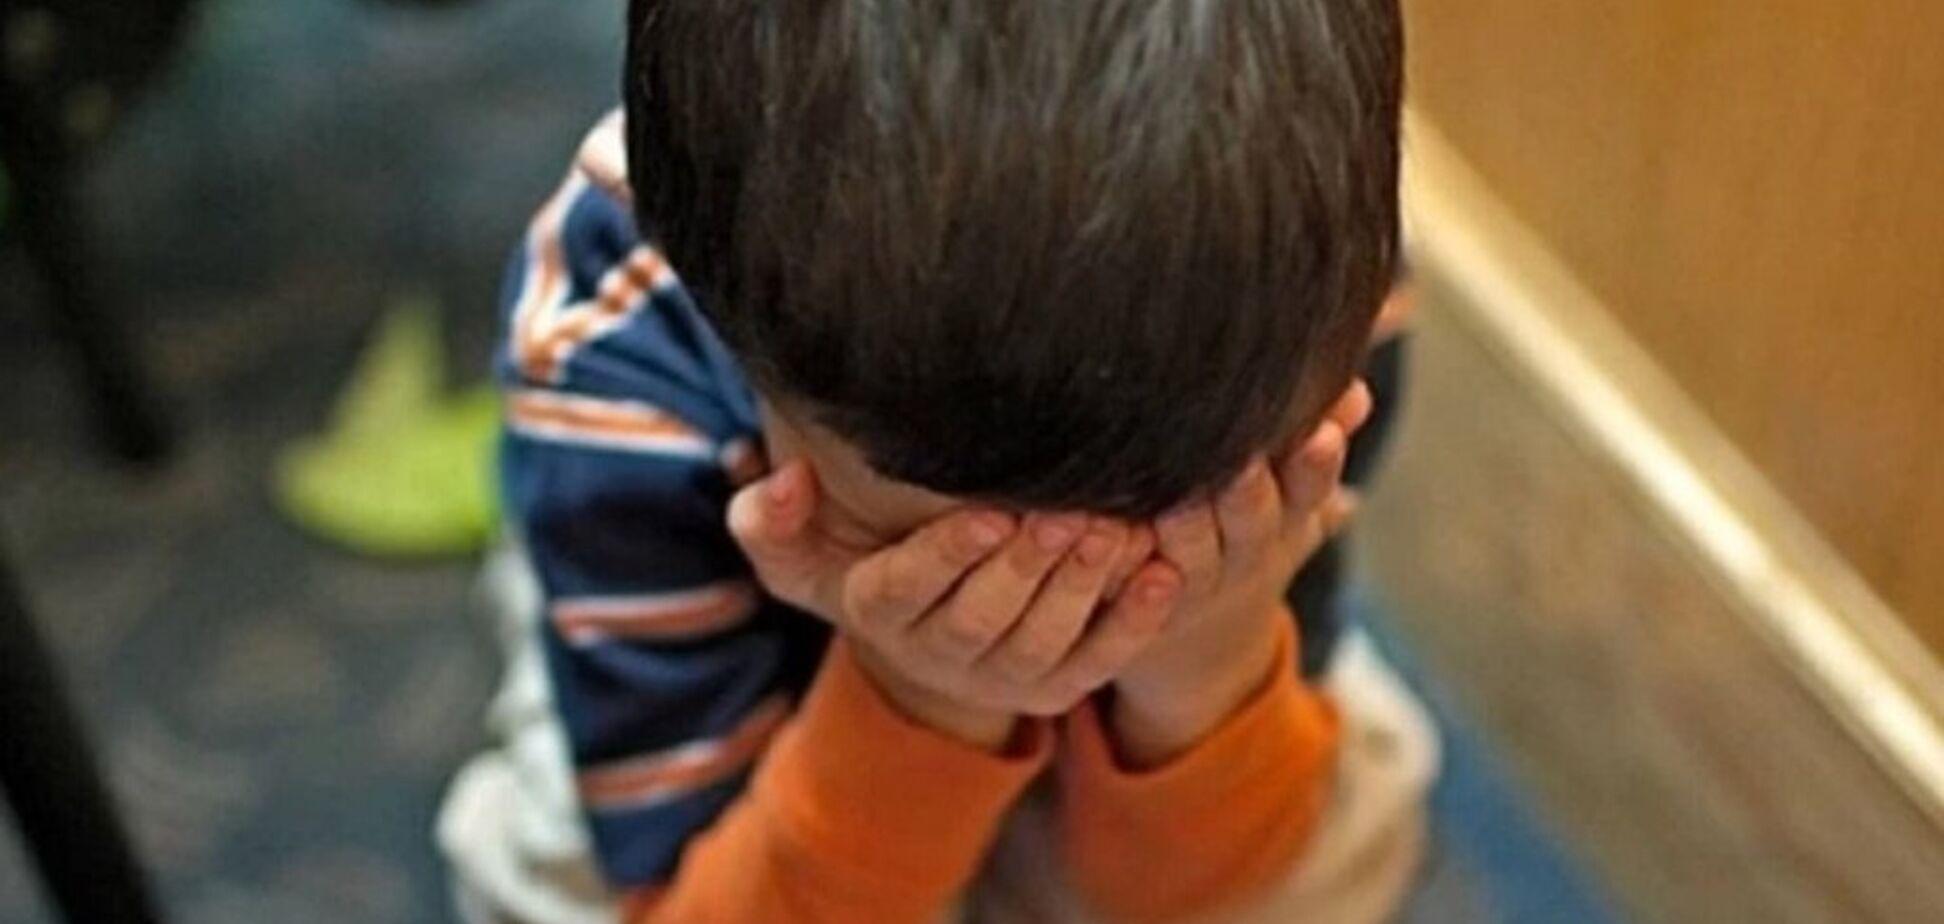 Стояв босий і плакав: у Полтаві вихователька зачинила в туалеті трирічного хлопчика